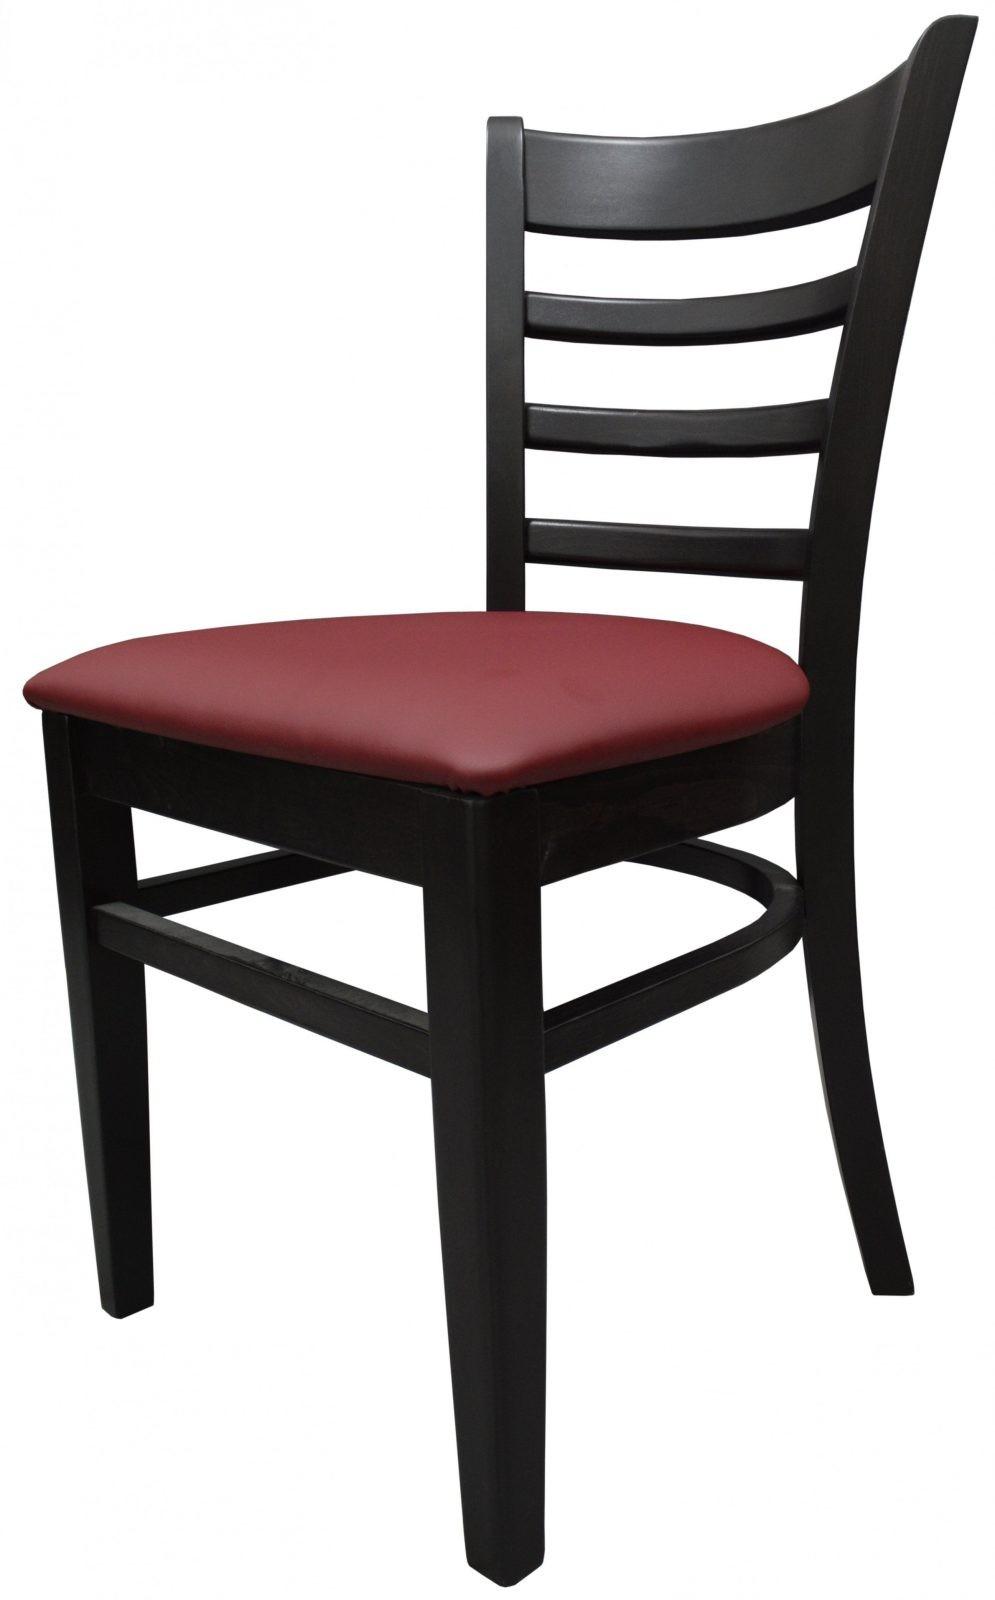 Gastro Stuhl David 200 Bordeaux Günstig Kaufen  Möbel Star von Gastronomie Stühle Günstig Kaufen Photo